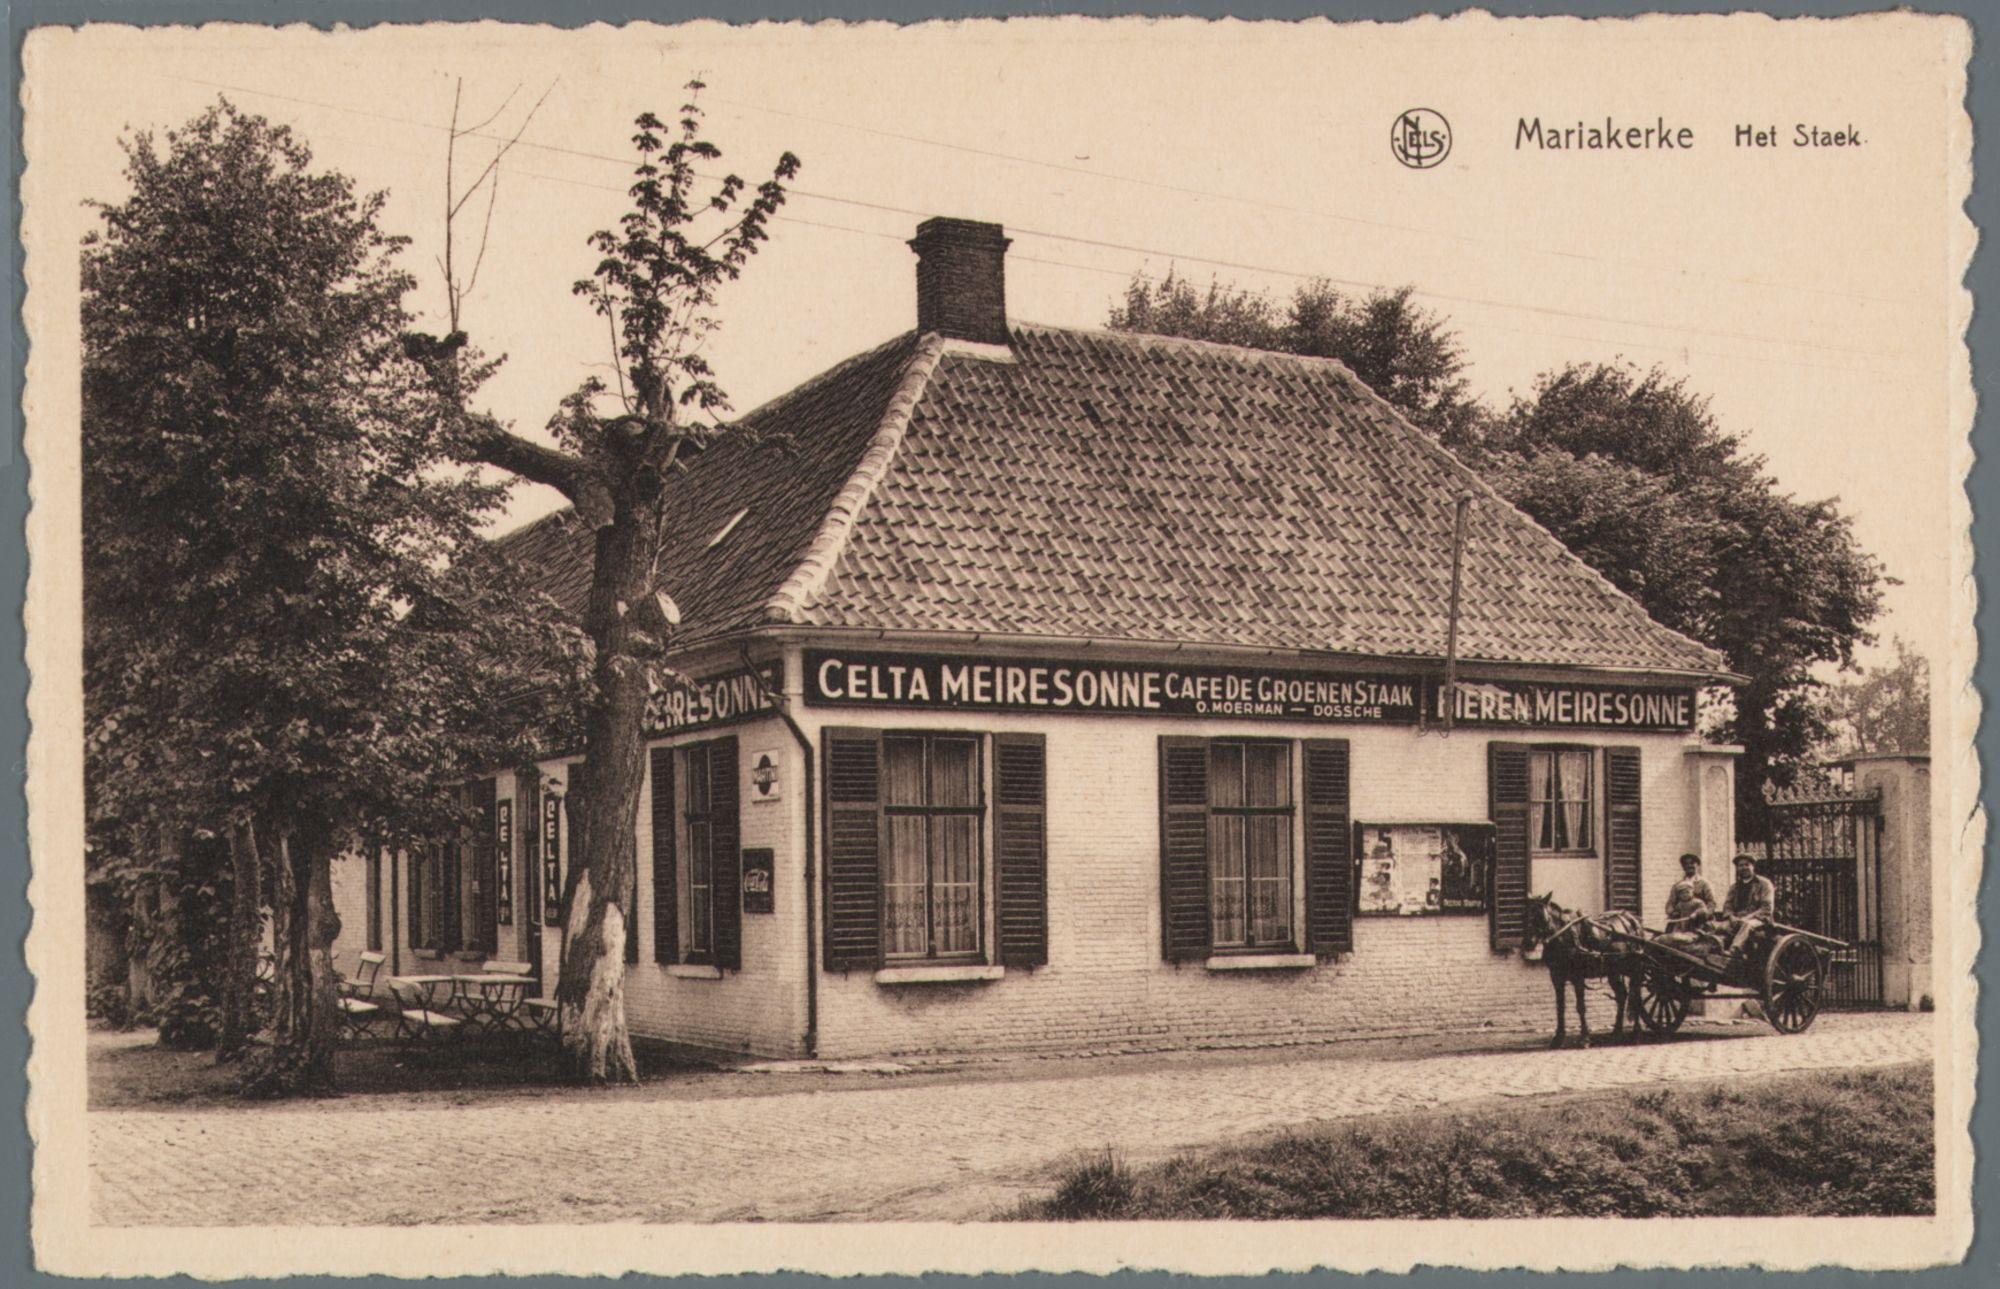 Mariakerke (bij Gent): café De Groenen Staak